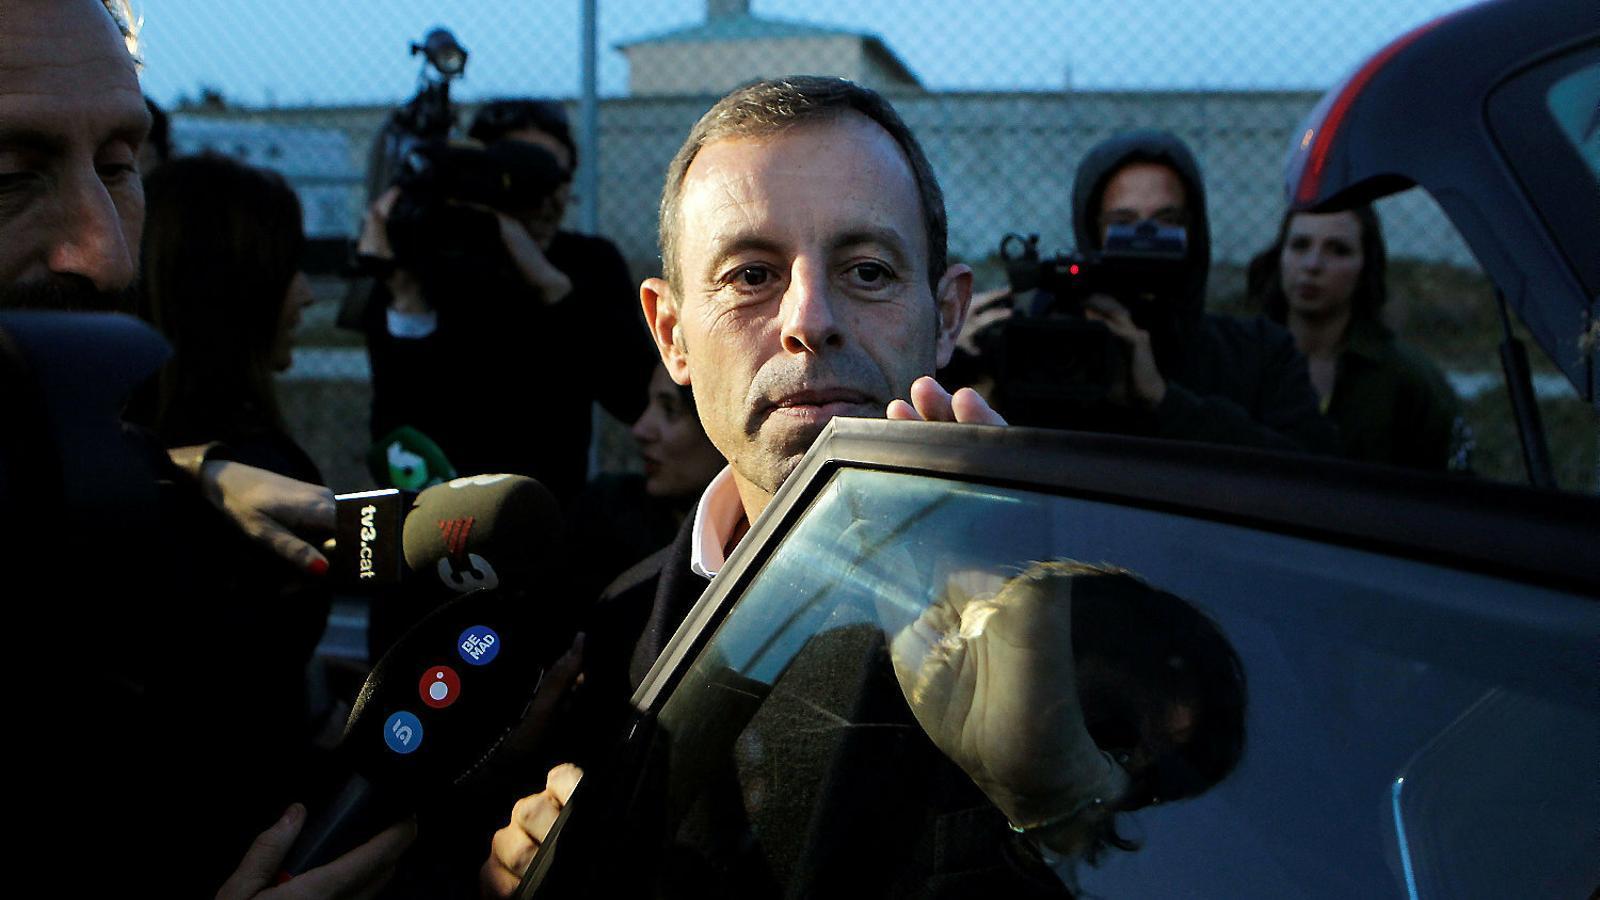 Rosell no va exigir comissions il·legals per partits al Brasil, segons un testimoni